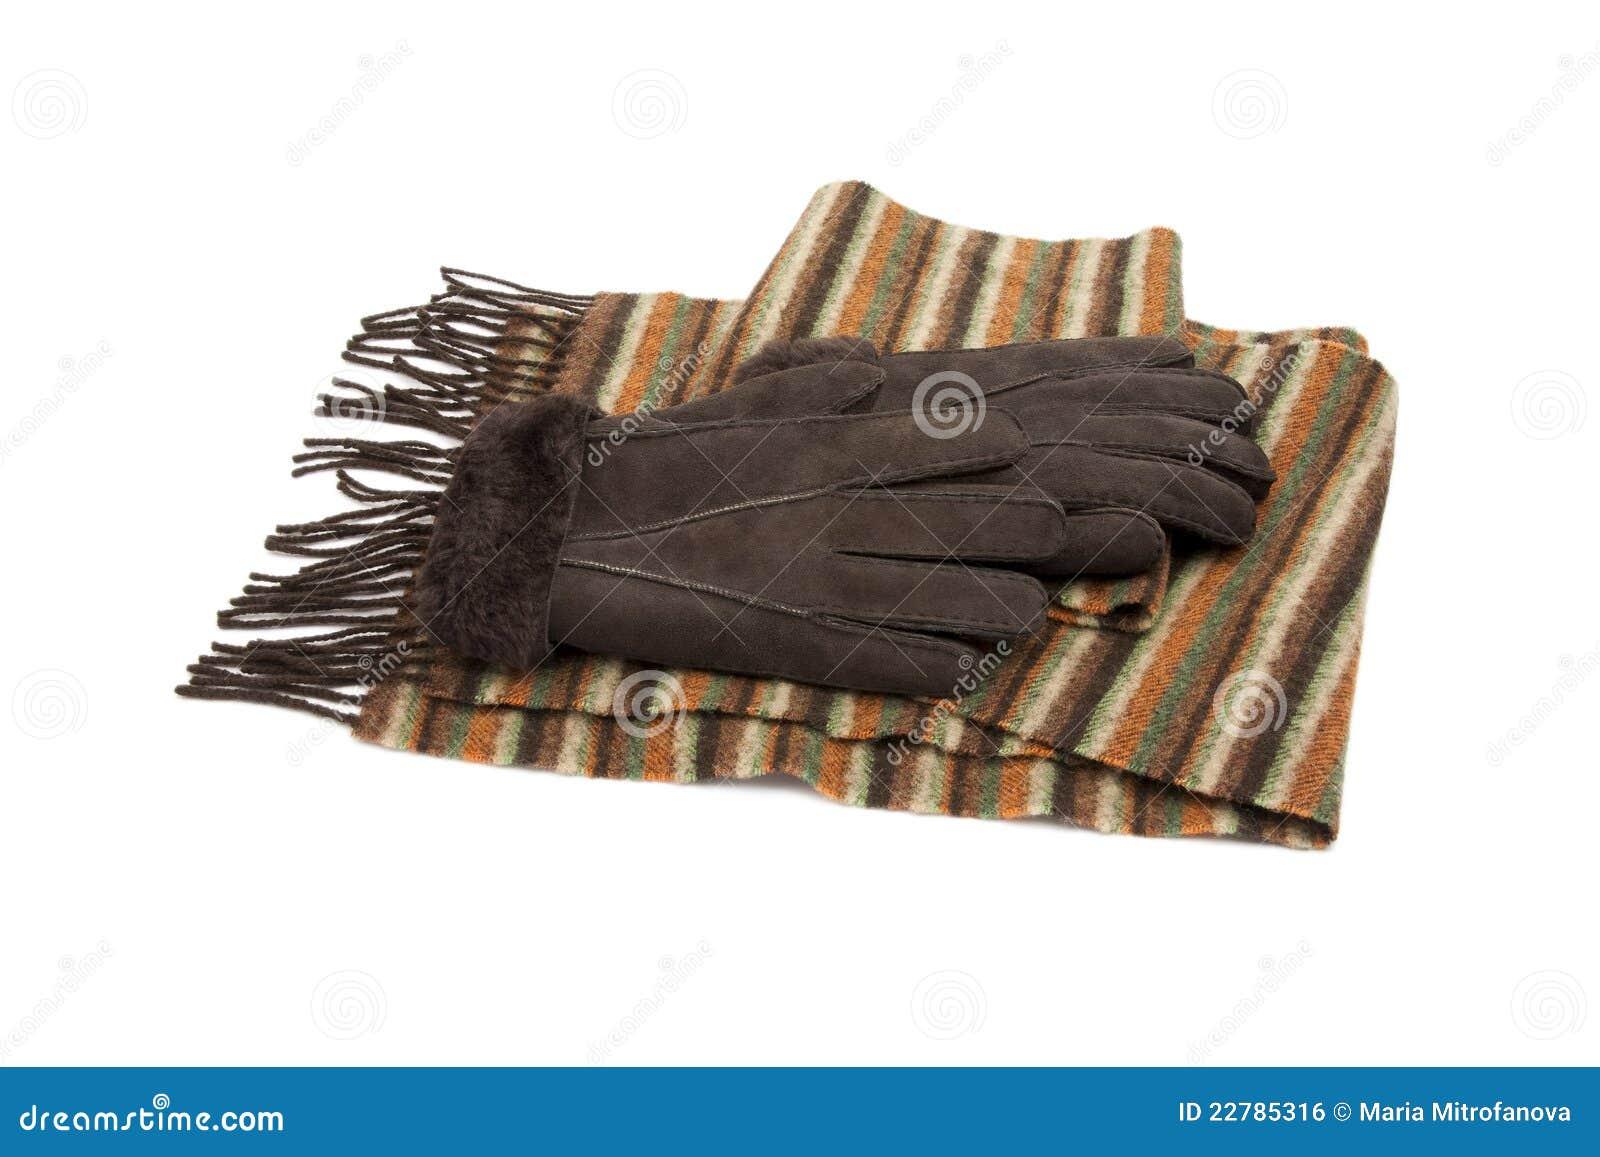 棕色手套围巾镶边绒面革羊毛